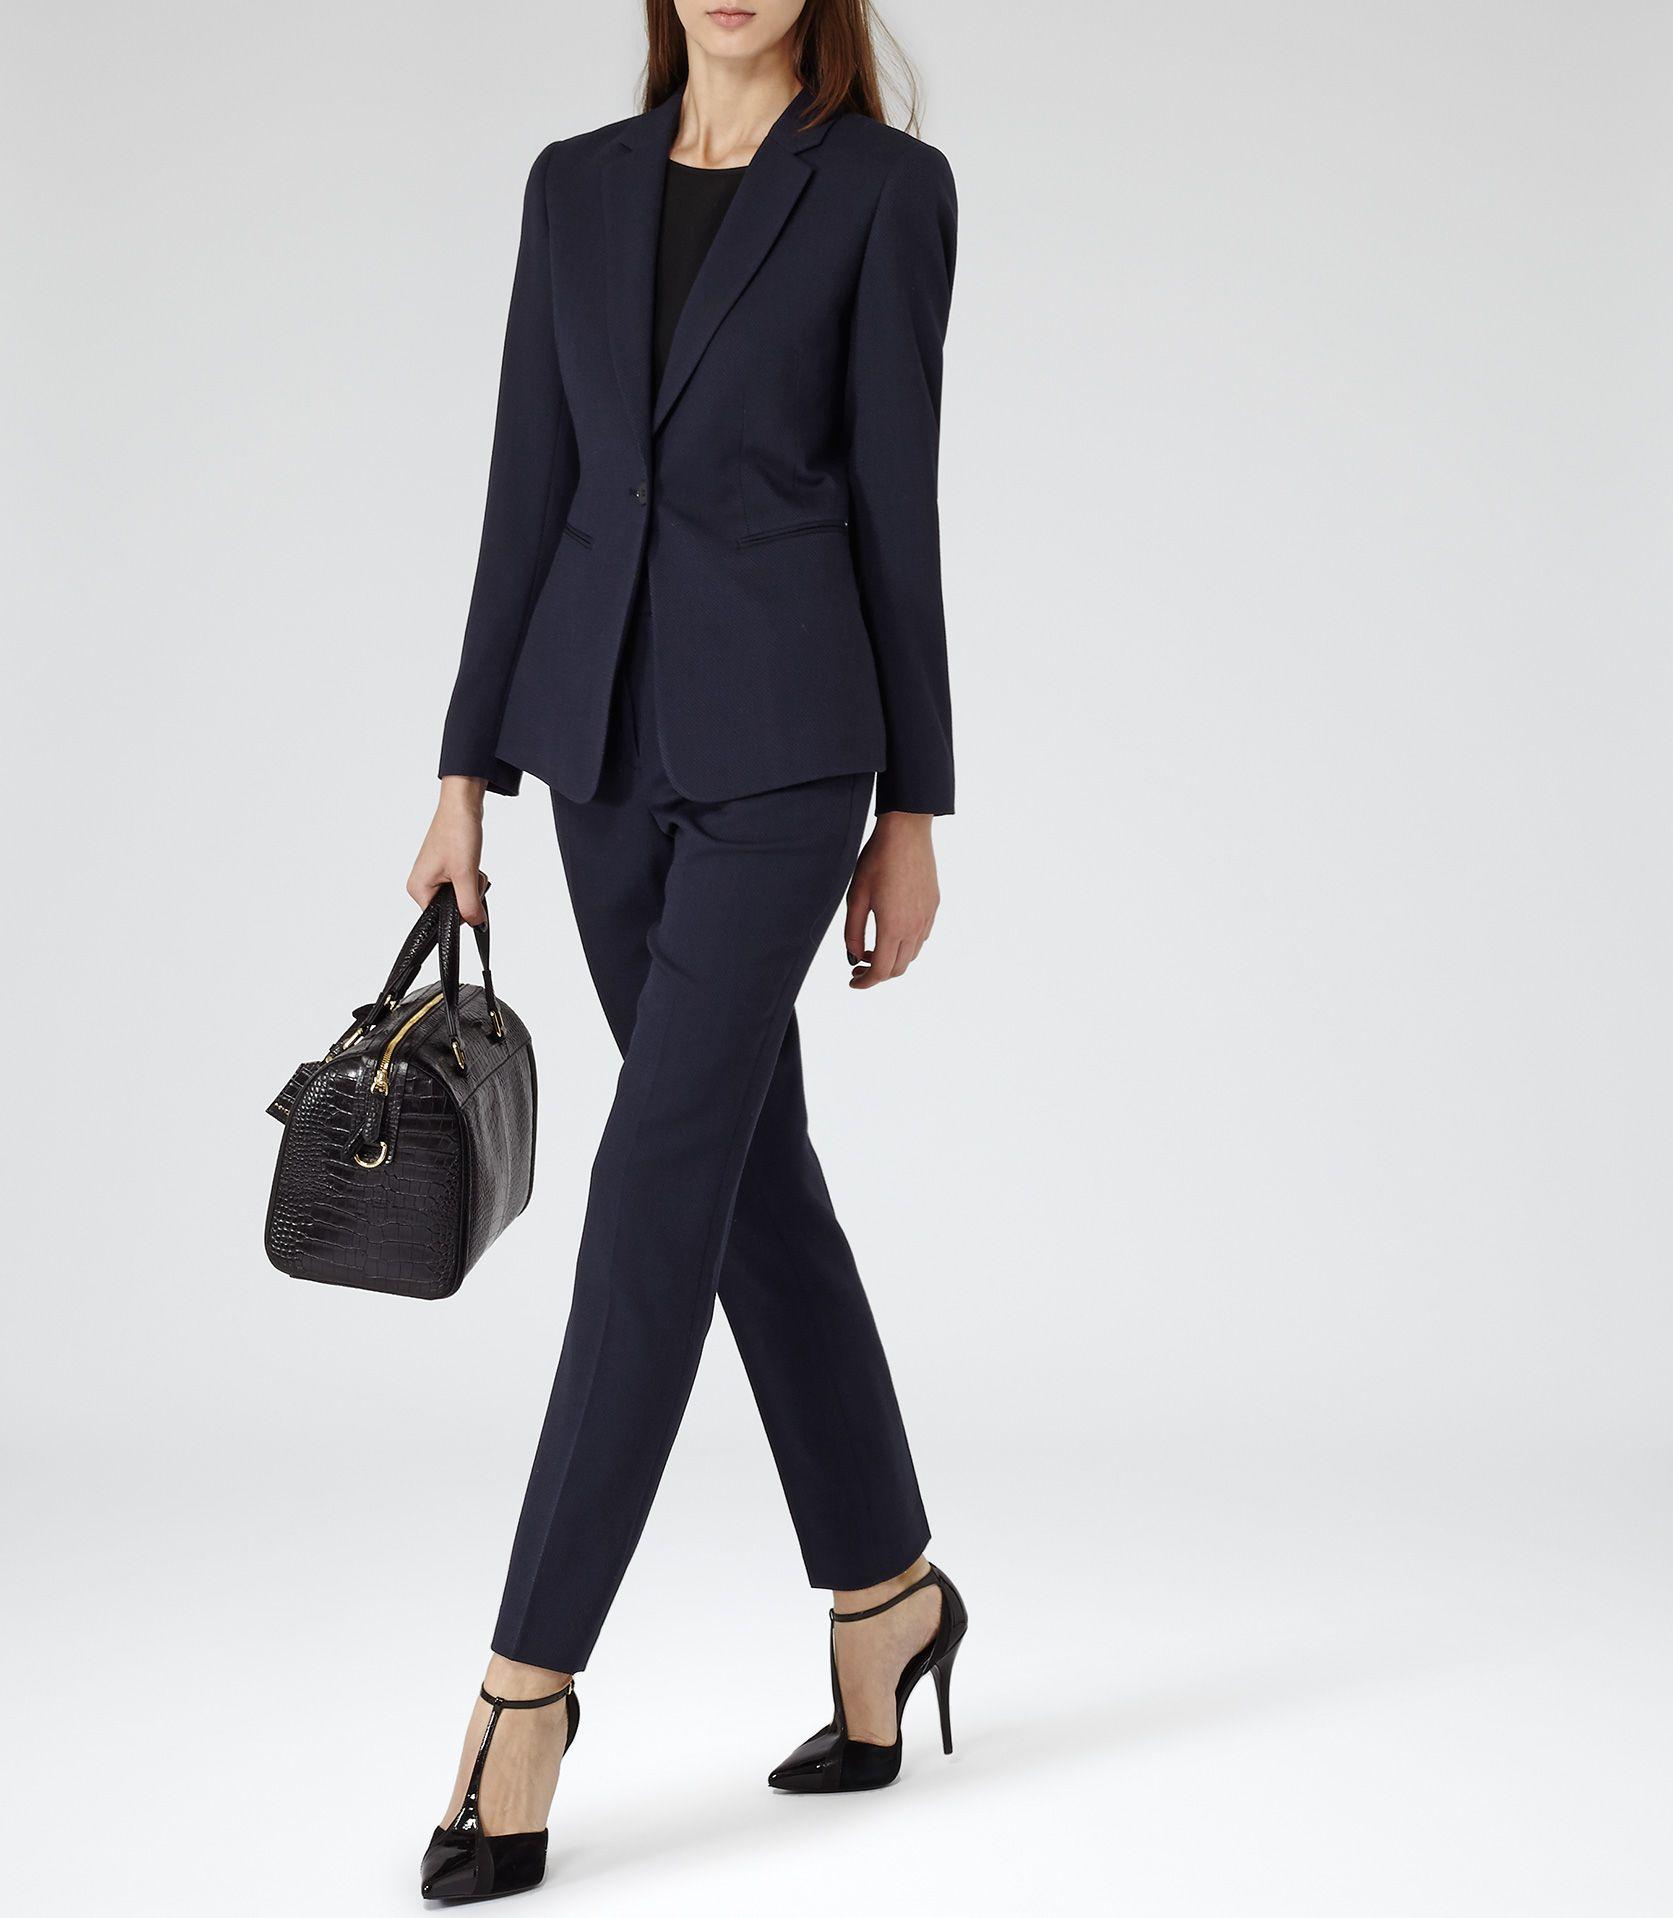 REISS Womens French Navy Slim-fit Tailored Jacket - Reiss Topaz Blazer